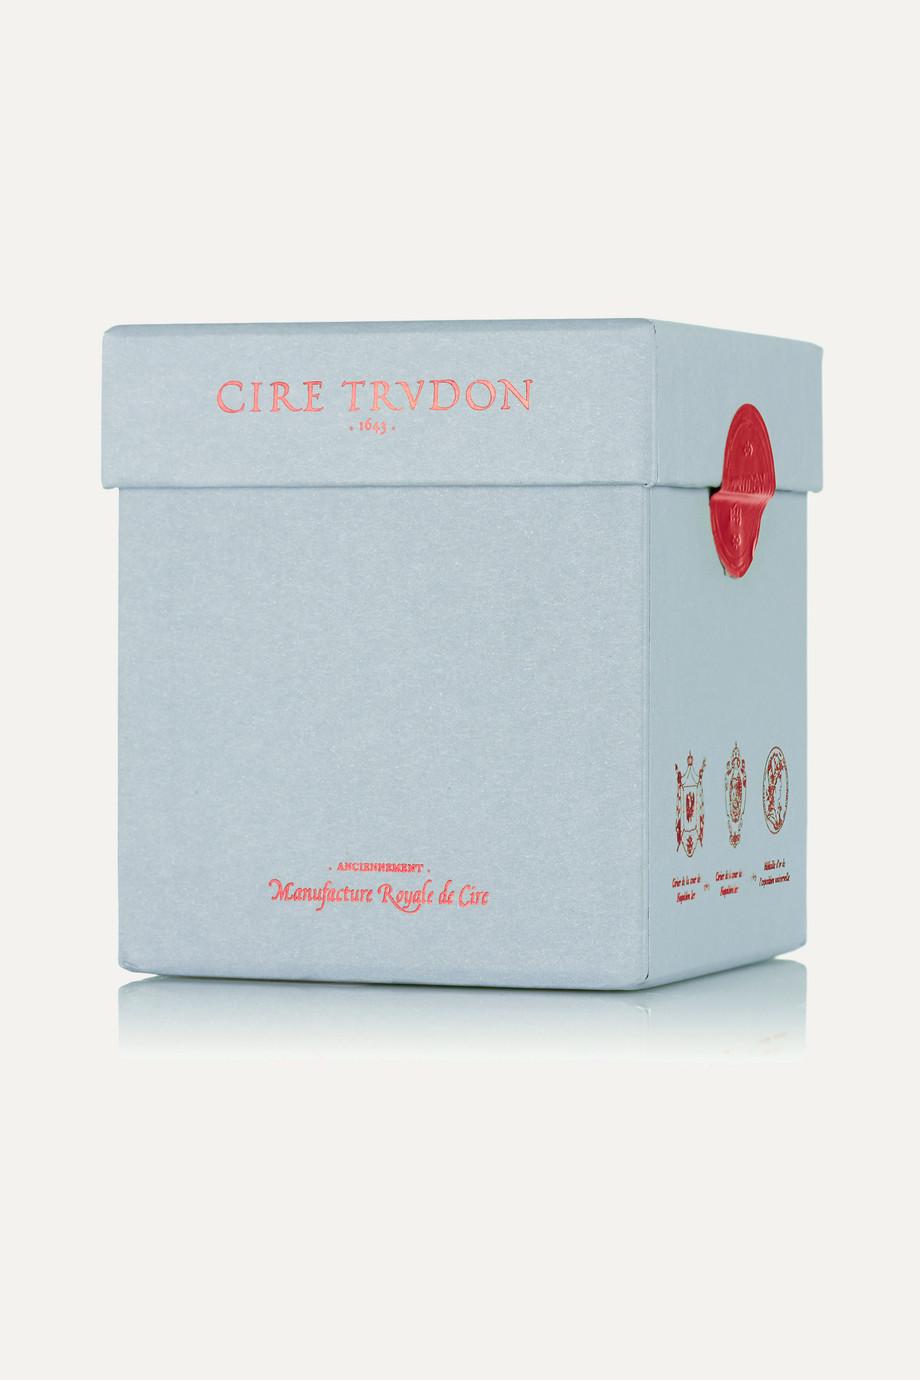 Cire Trudon Spiritus Sancti scented candle, 270g